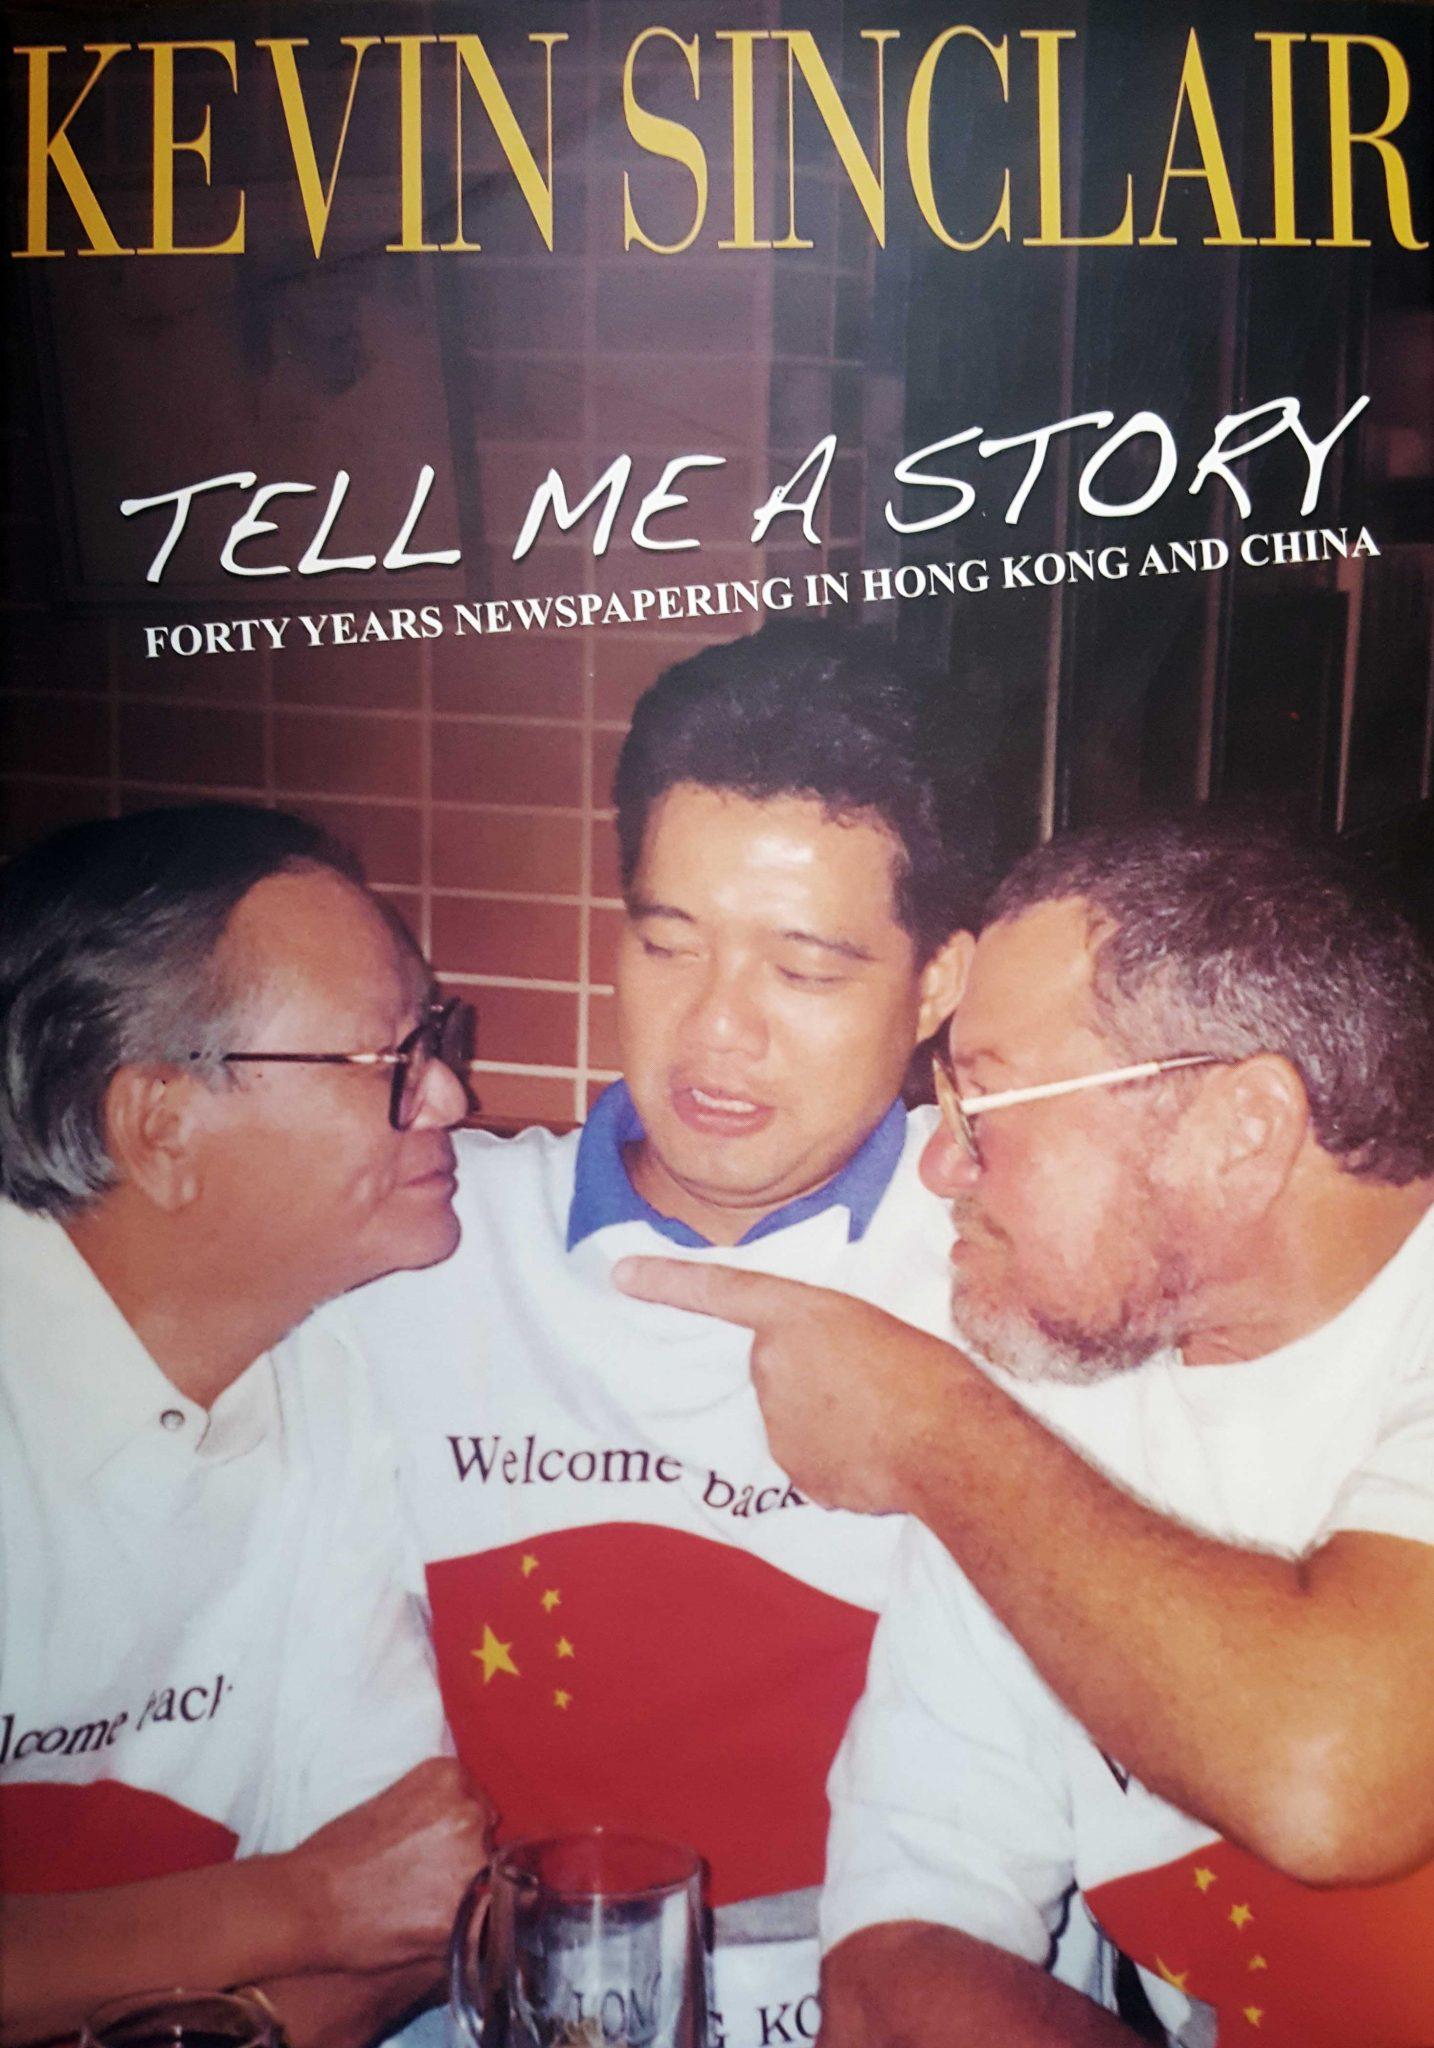 Kevin Sinclair's memoir, Tell Me A Story.